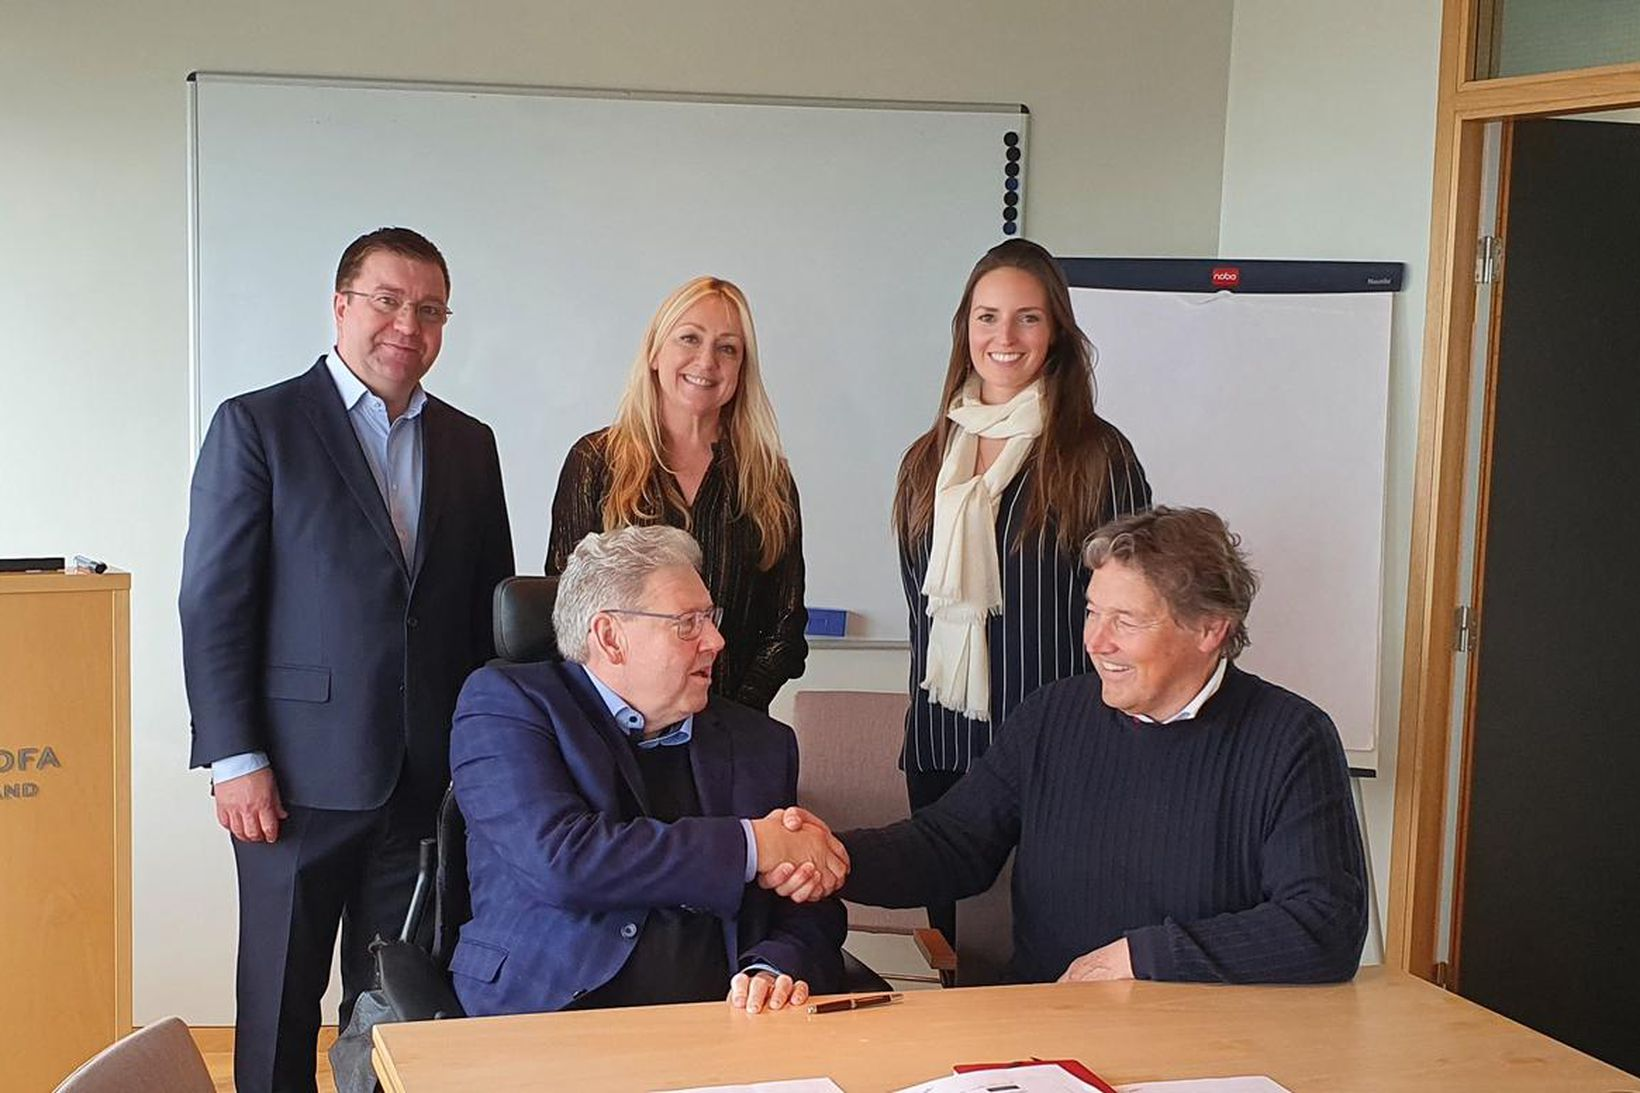 Á myndinni eru Pétur Þ. Óskarsson, Sara Lind Þrúðardóttir, Agnes …